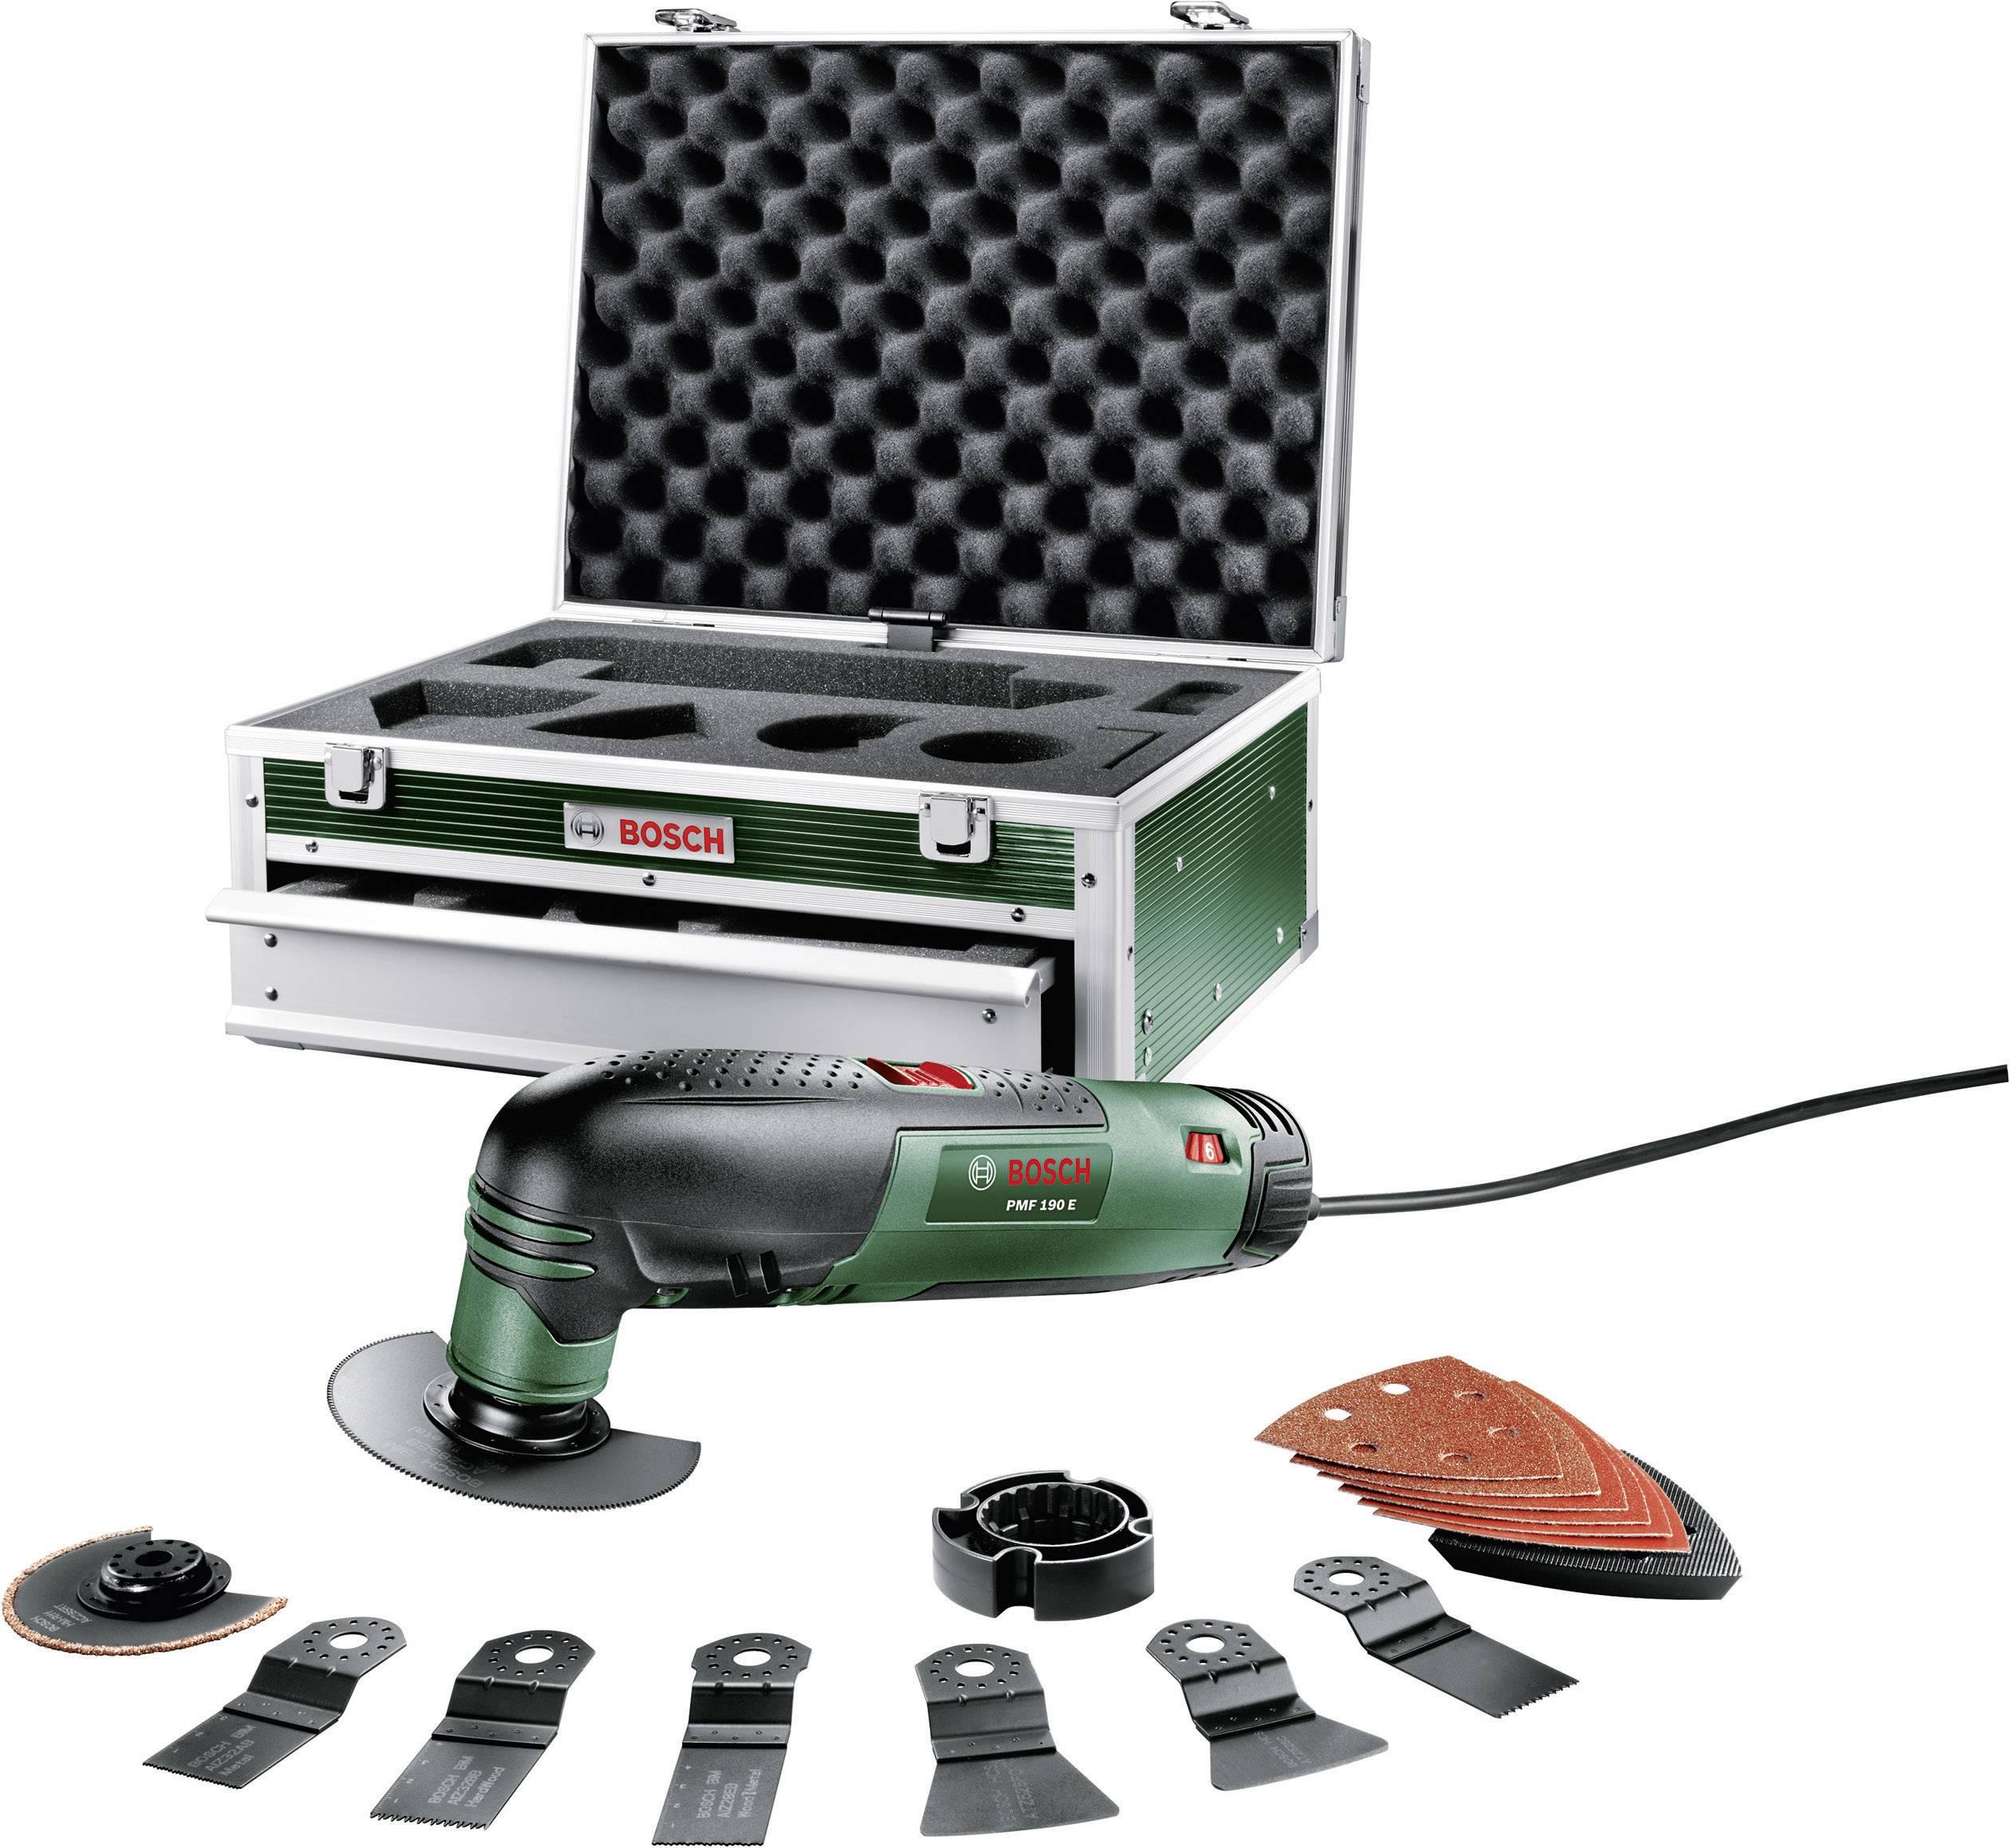 Vaak Bosch PMF 190 E Multitool met Toolbox & extra accessoires   Conrad.nl UF61